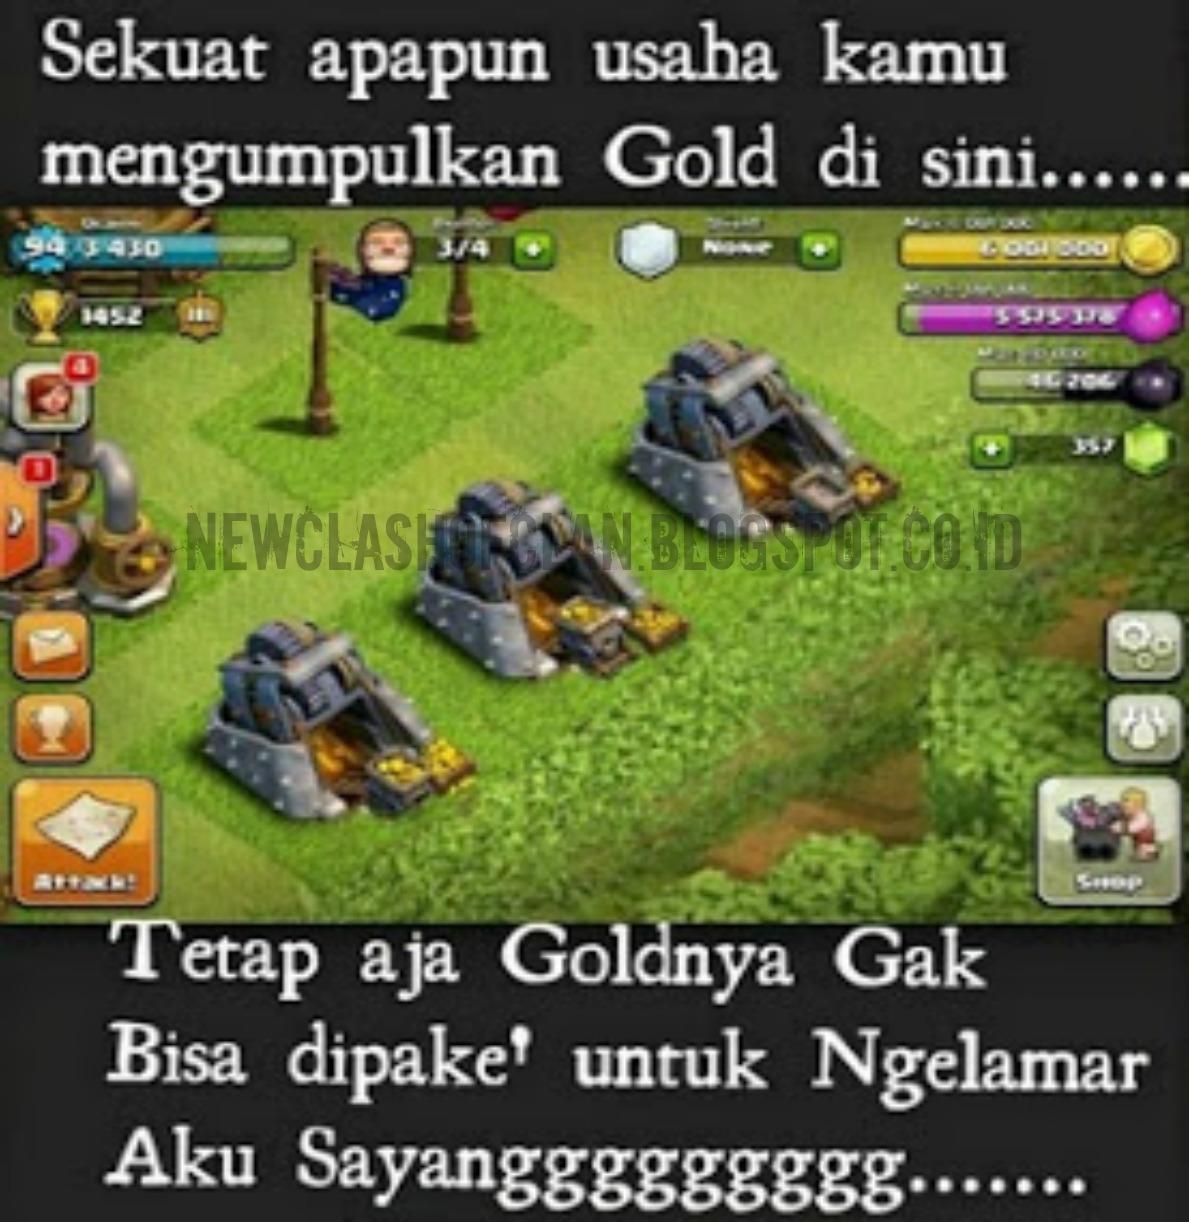 22 Meme Meme Lucu Terbaru Dari Game Clash Of Clans Yang Bikin